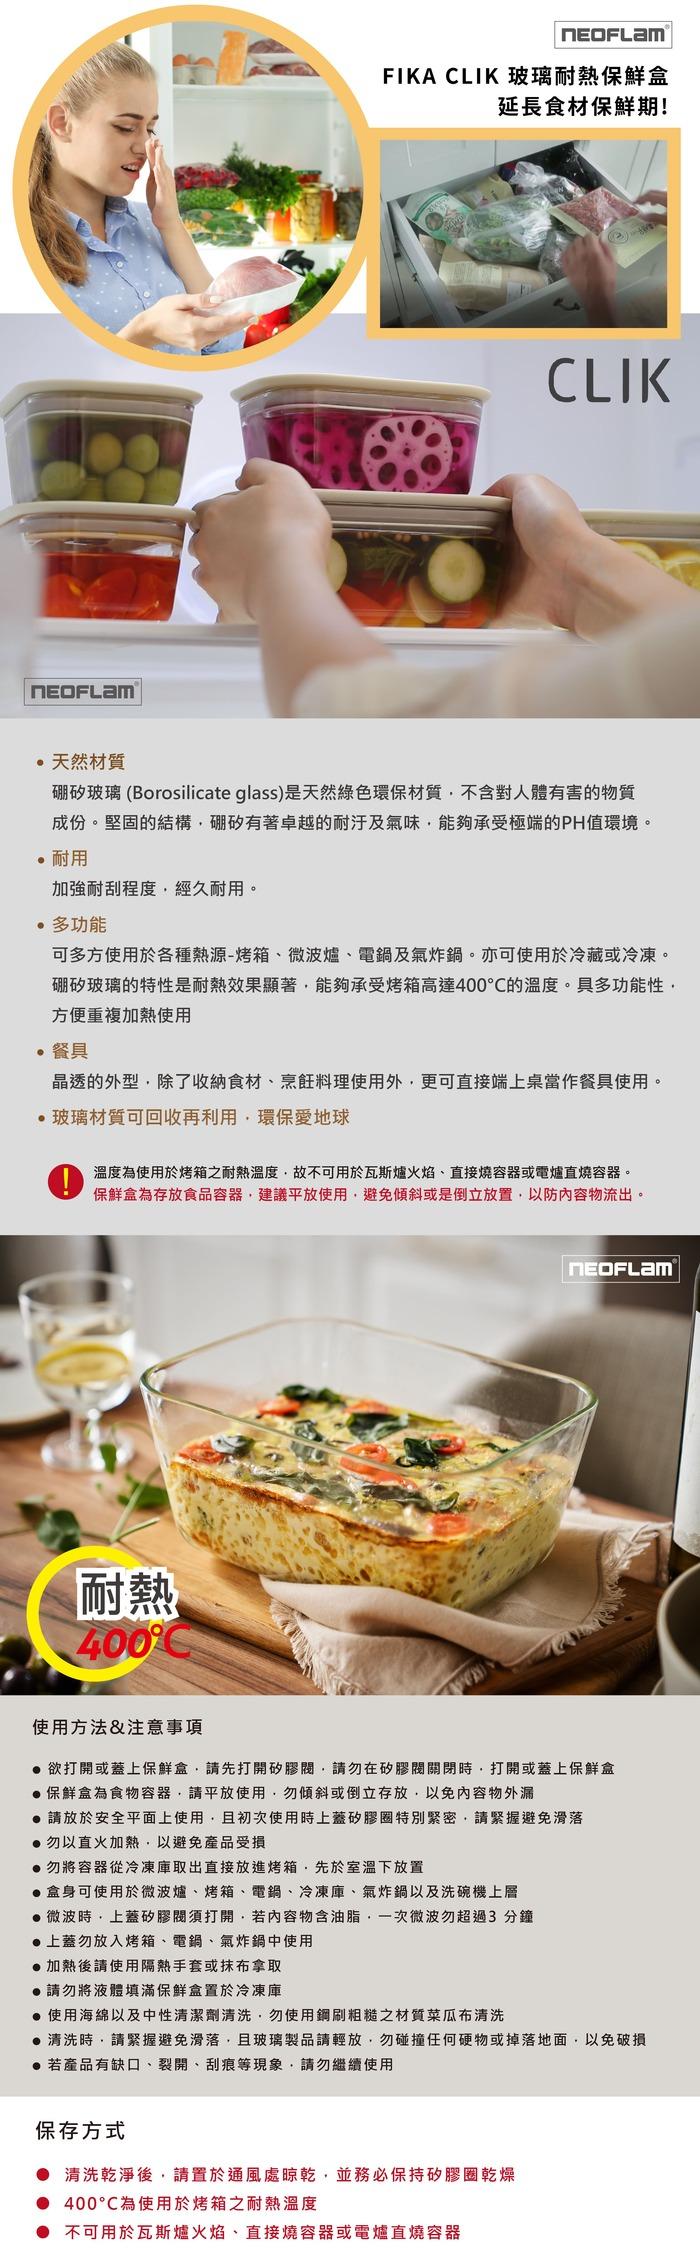 (複製)NEOFLAM|矽銀迷你食物夾三件組-夢幻雪酪